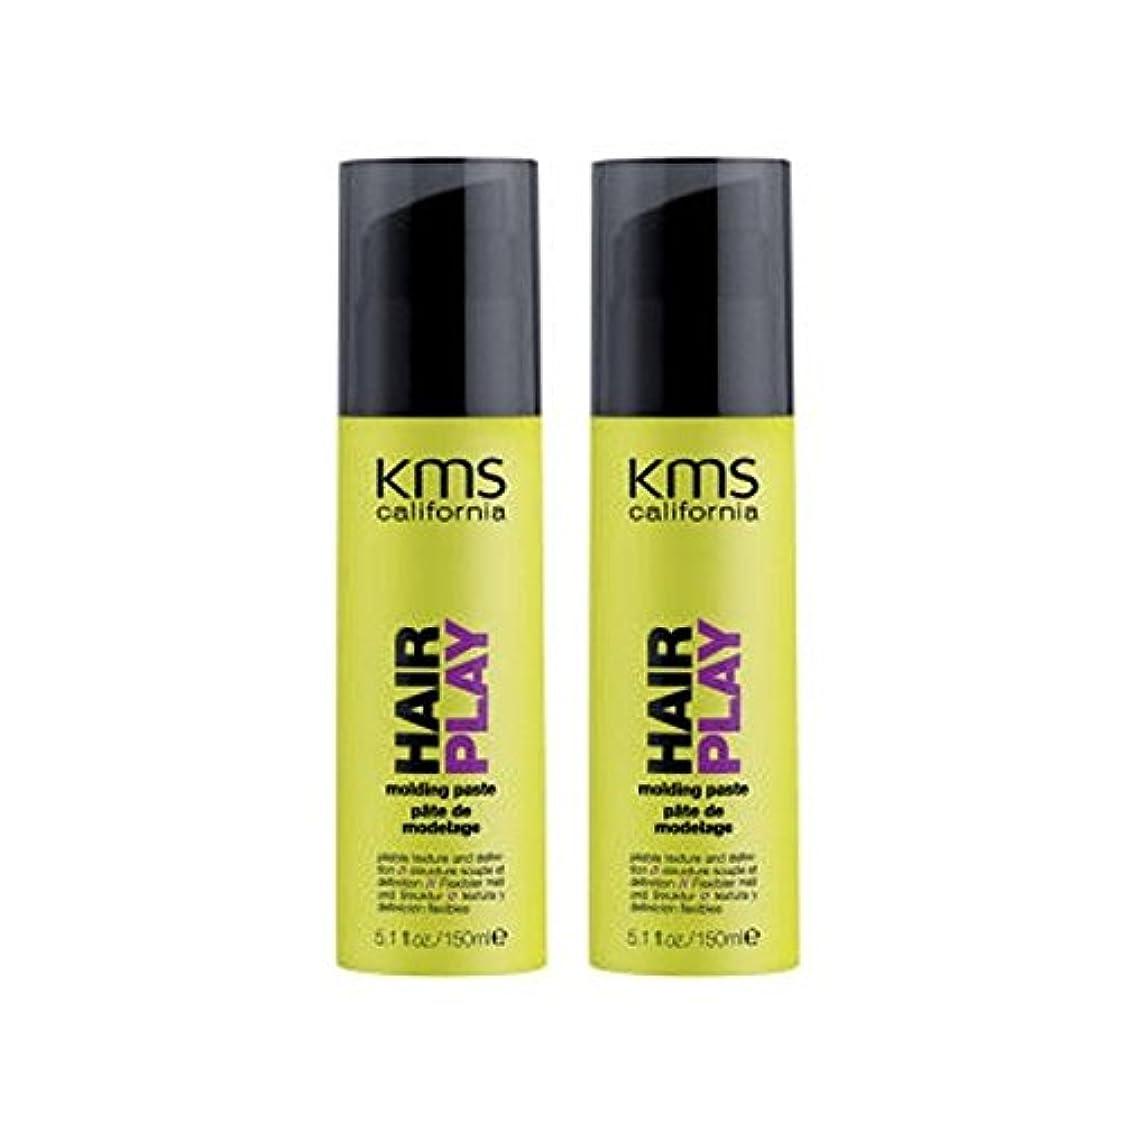 王族委任自由カリフォルニア成形ペーストデュオを x4 - Kms California Hairplay Molding Paste Duo (Pack of 4) [並行輸入品]